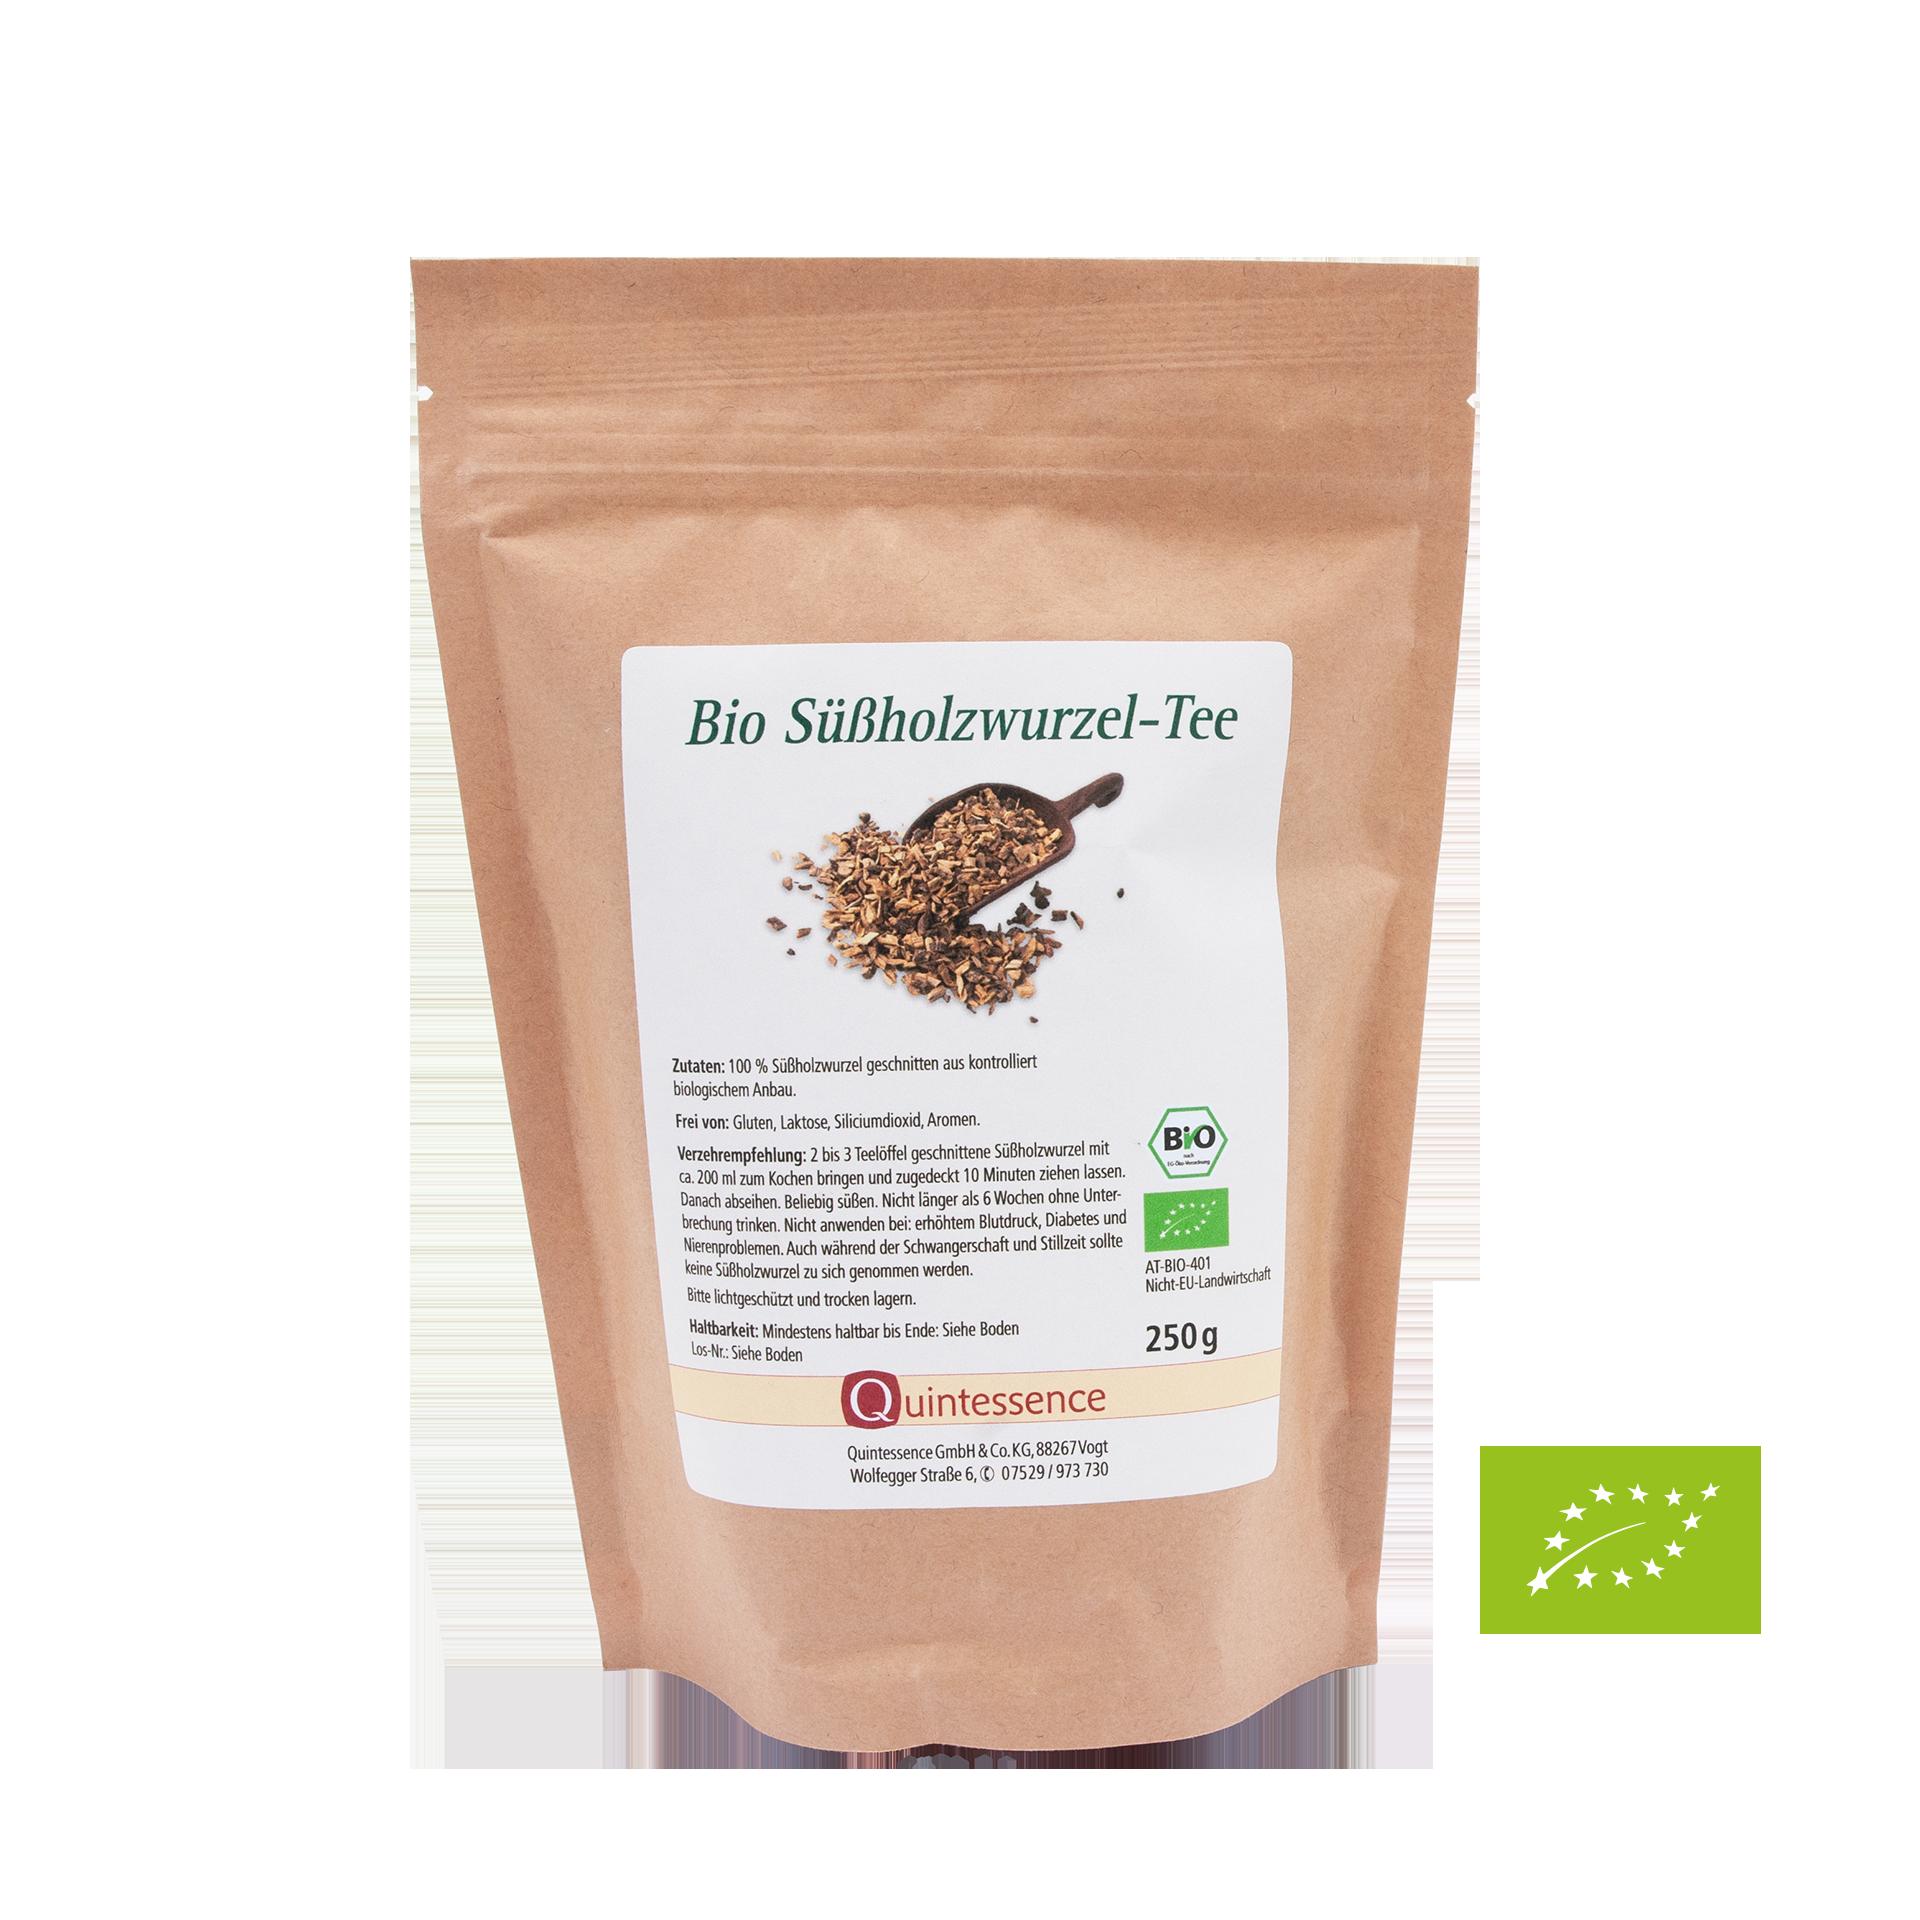 Bio-Süßholzwurzel Tee, 250 g